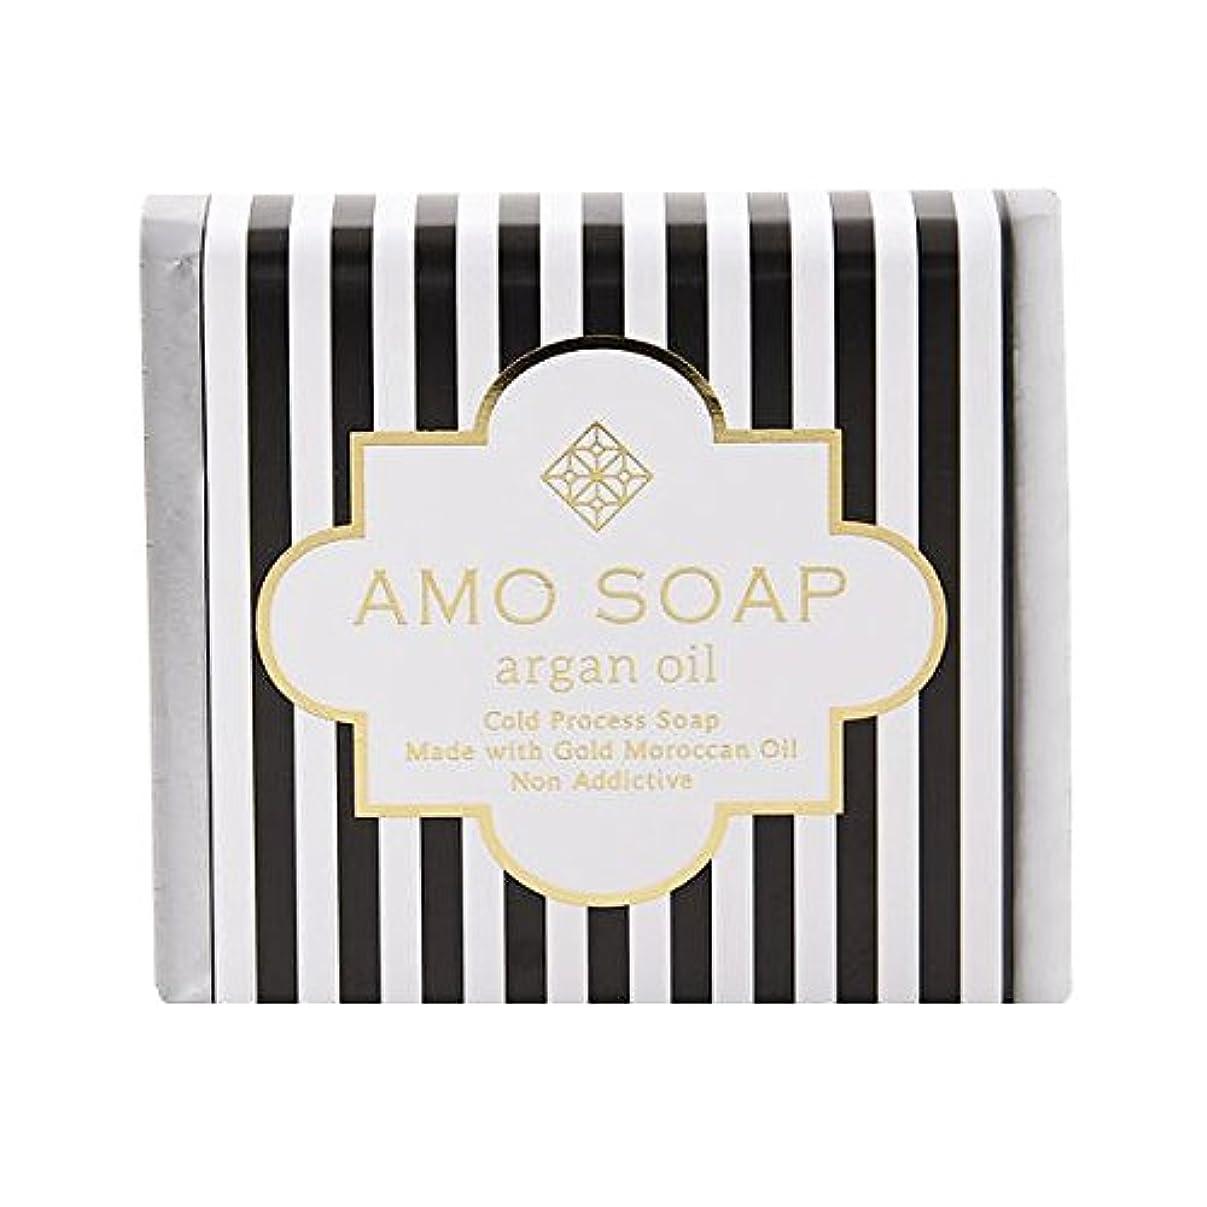 家事をするペグ代表団AMO SOAP(アモソープ) 洗顔せっけんアルガンオイル配合 1個 コールドプロセス製法 日本製 エイジングケア オリーブオイル シアバター